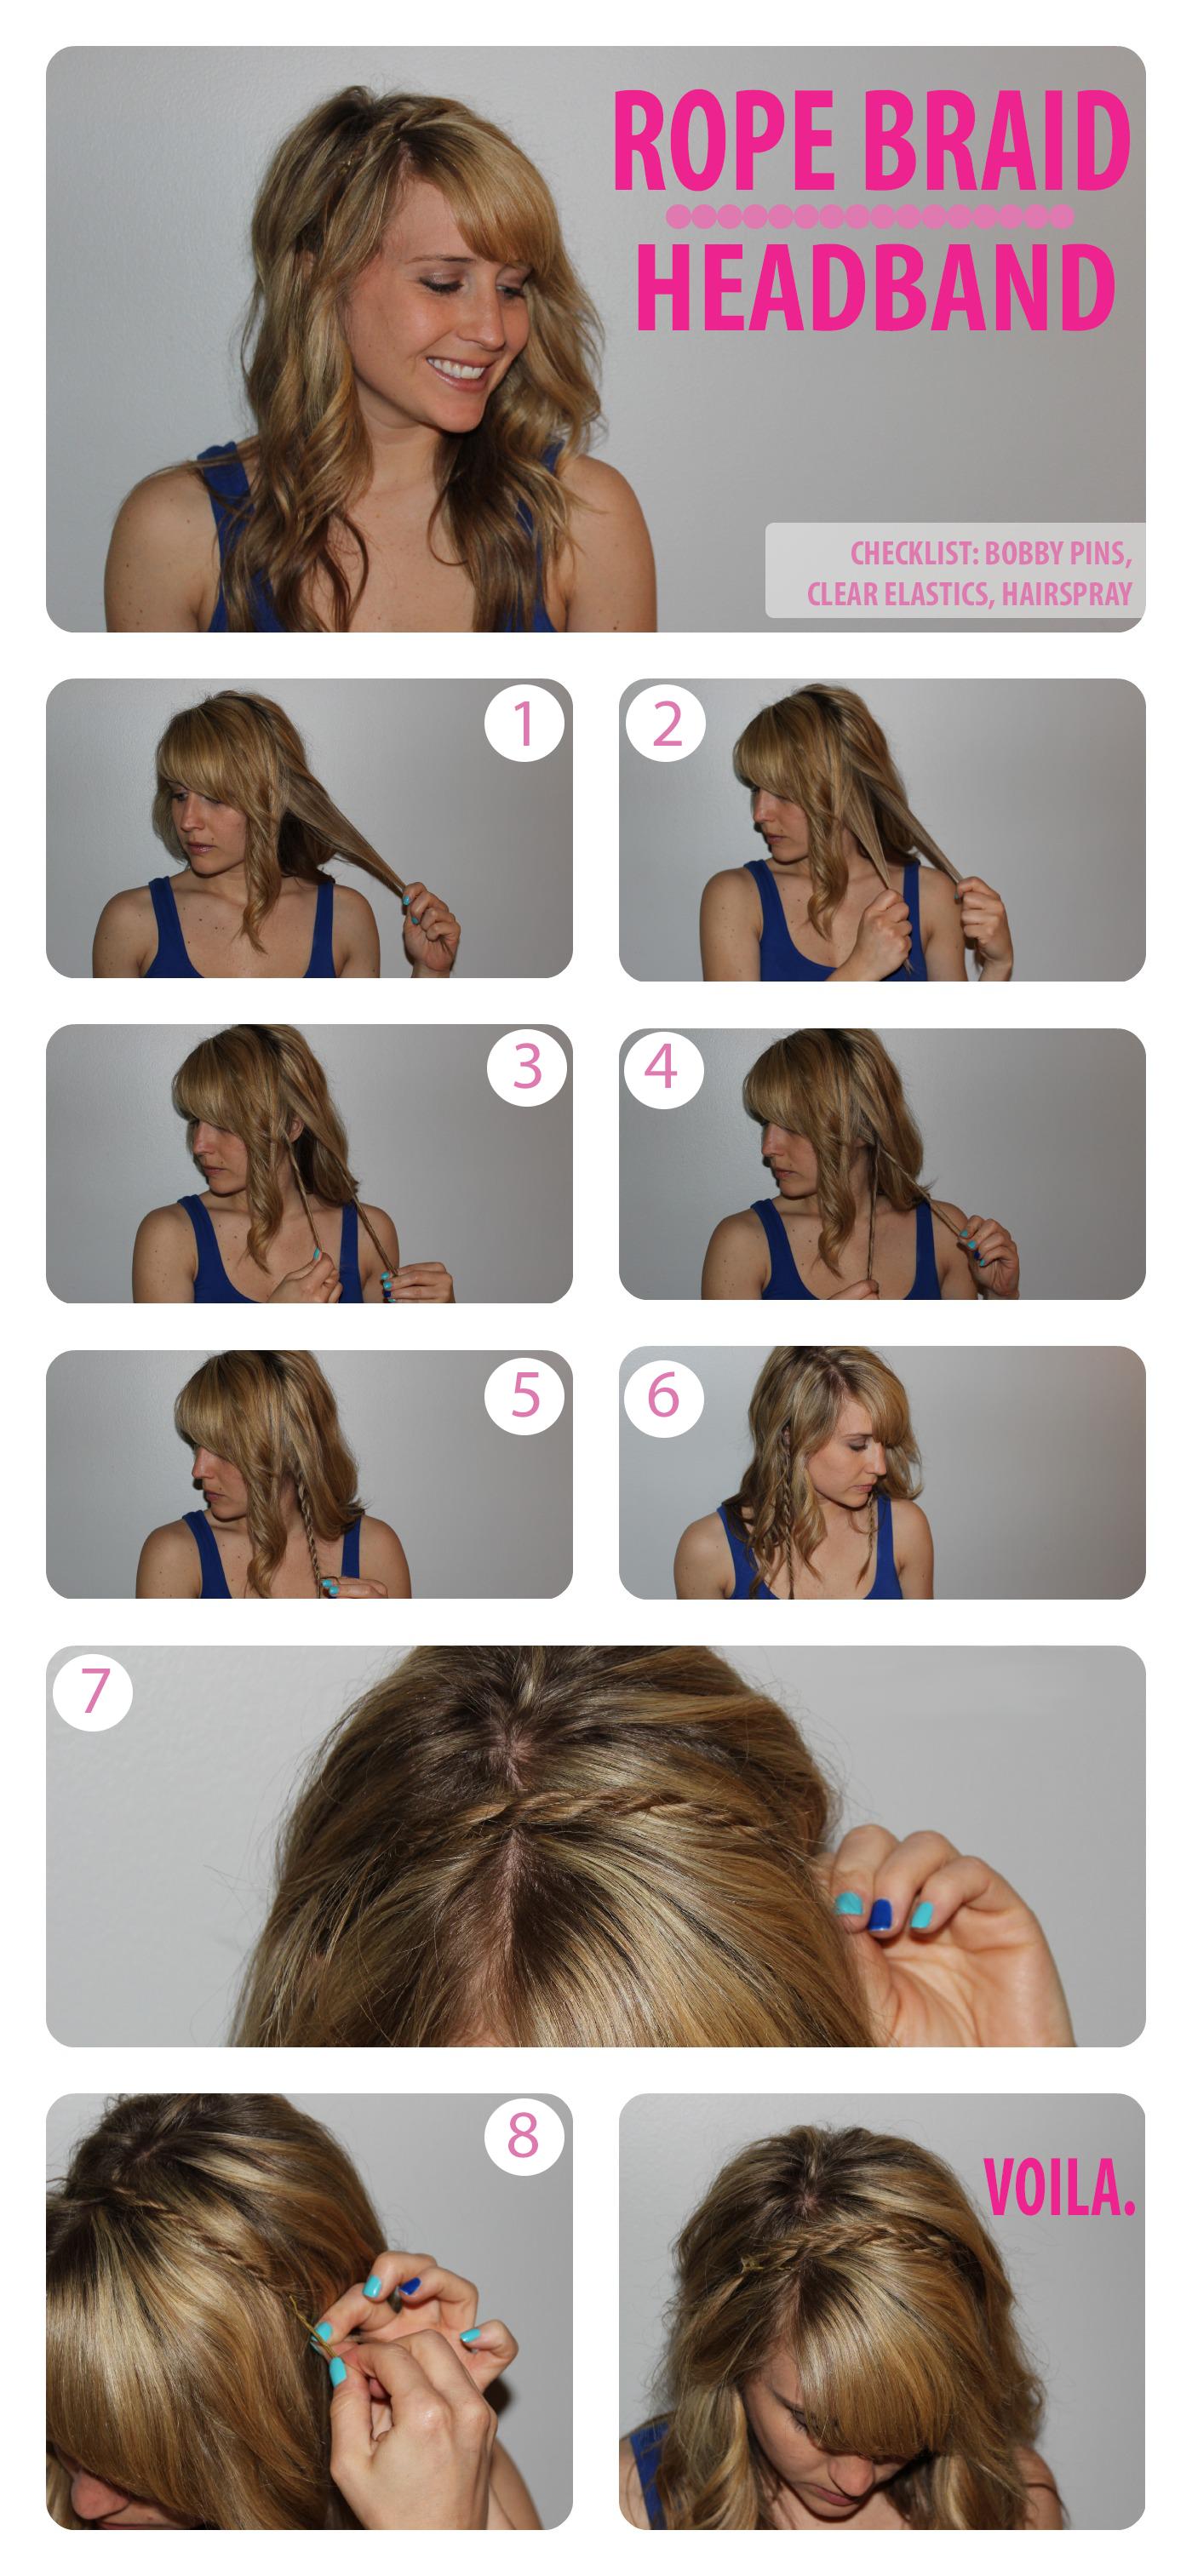 Rope Braid Headband Tutorial